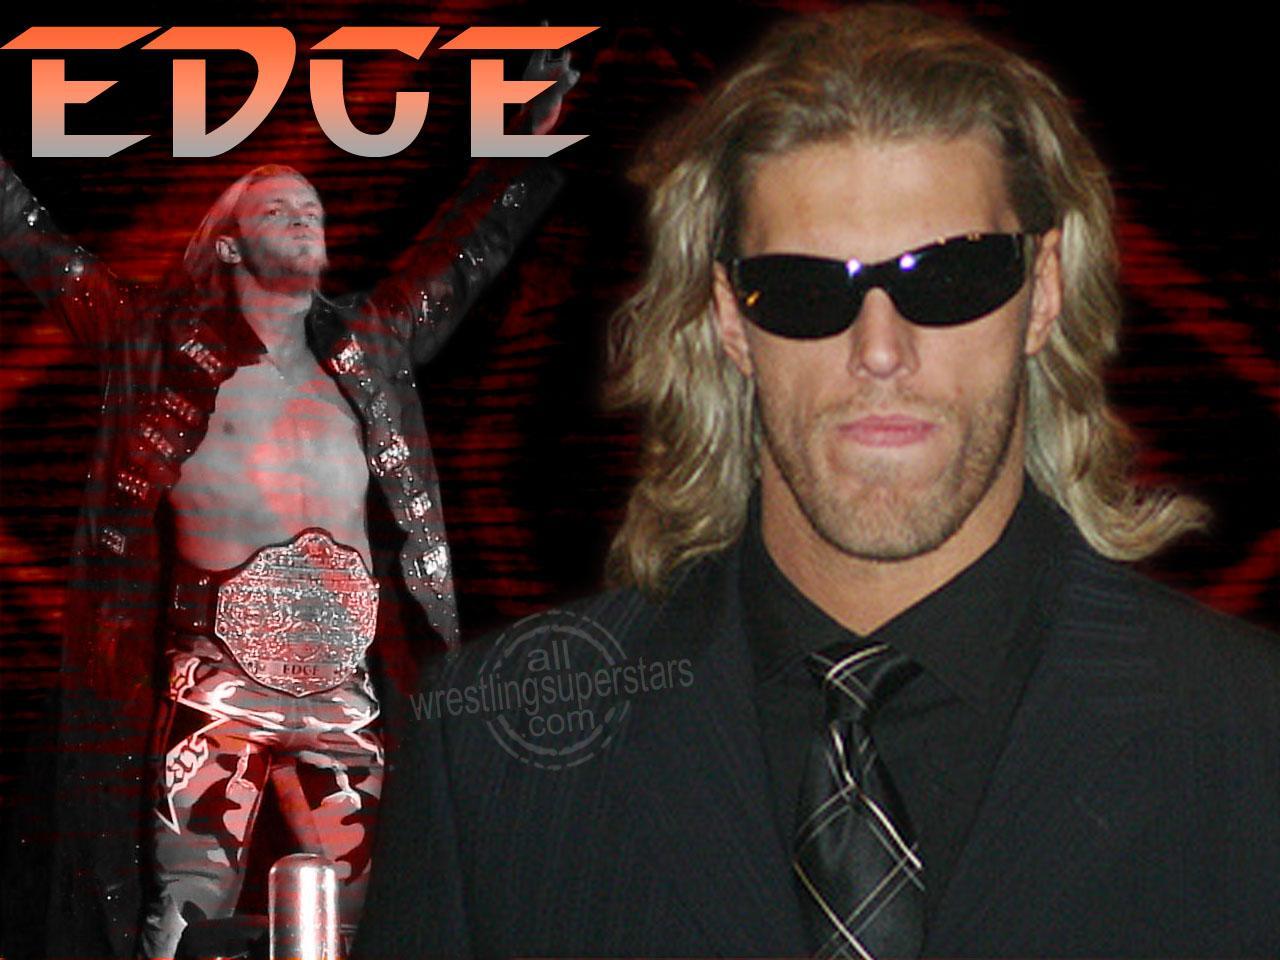 http://4.bp.blogspot.com/-KJO2Shm0Wbw/UNgCYndftrI/AAAAAAAACUY/aGQGz16gJzY/s1600/WWE-WALLPAPERS-EDGE-1.JPG